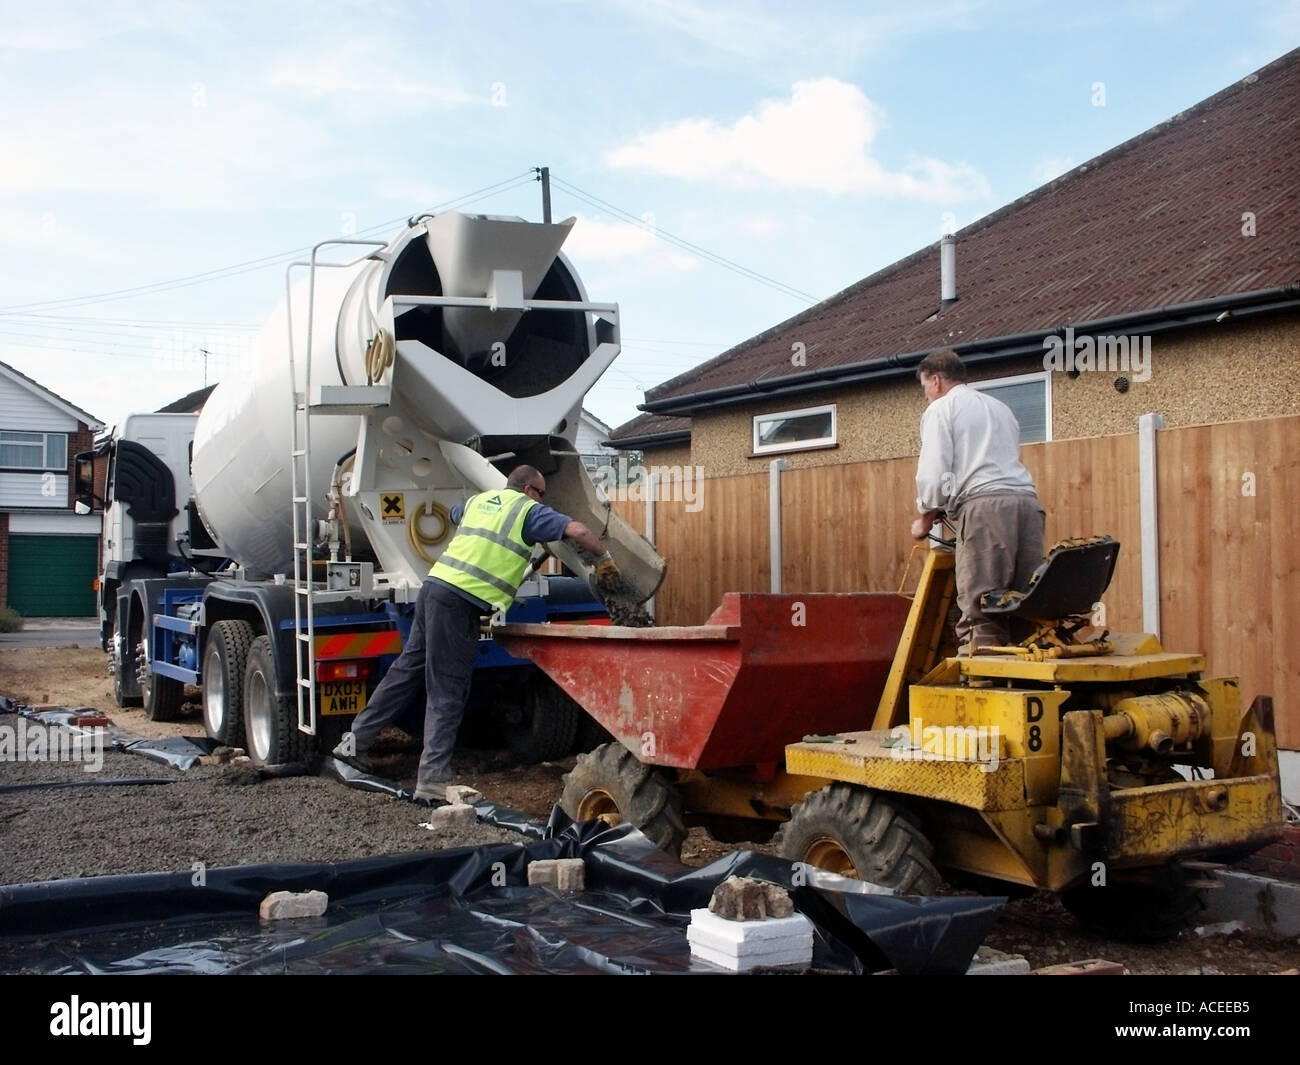 Beton Betonmischer Lieferung Lkw Lkw Treiber Auf Neues Haus Bau